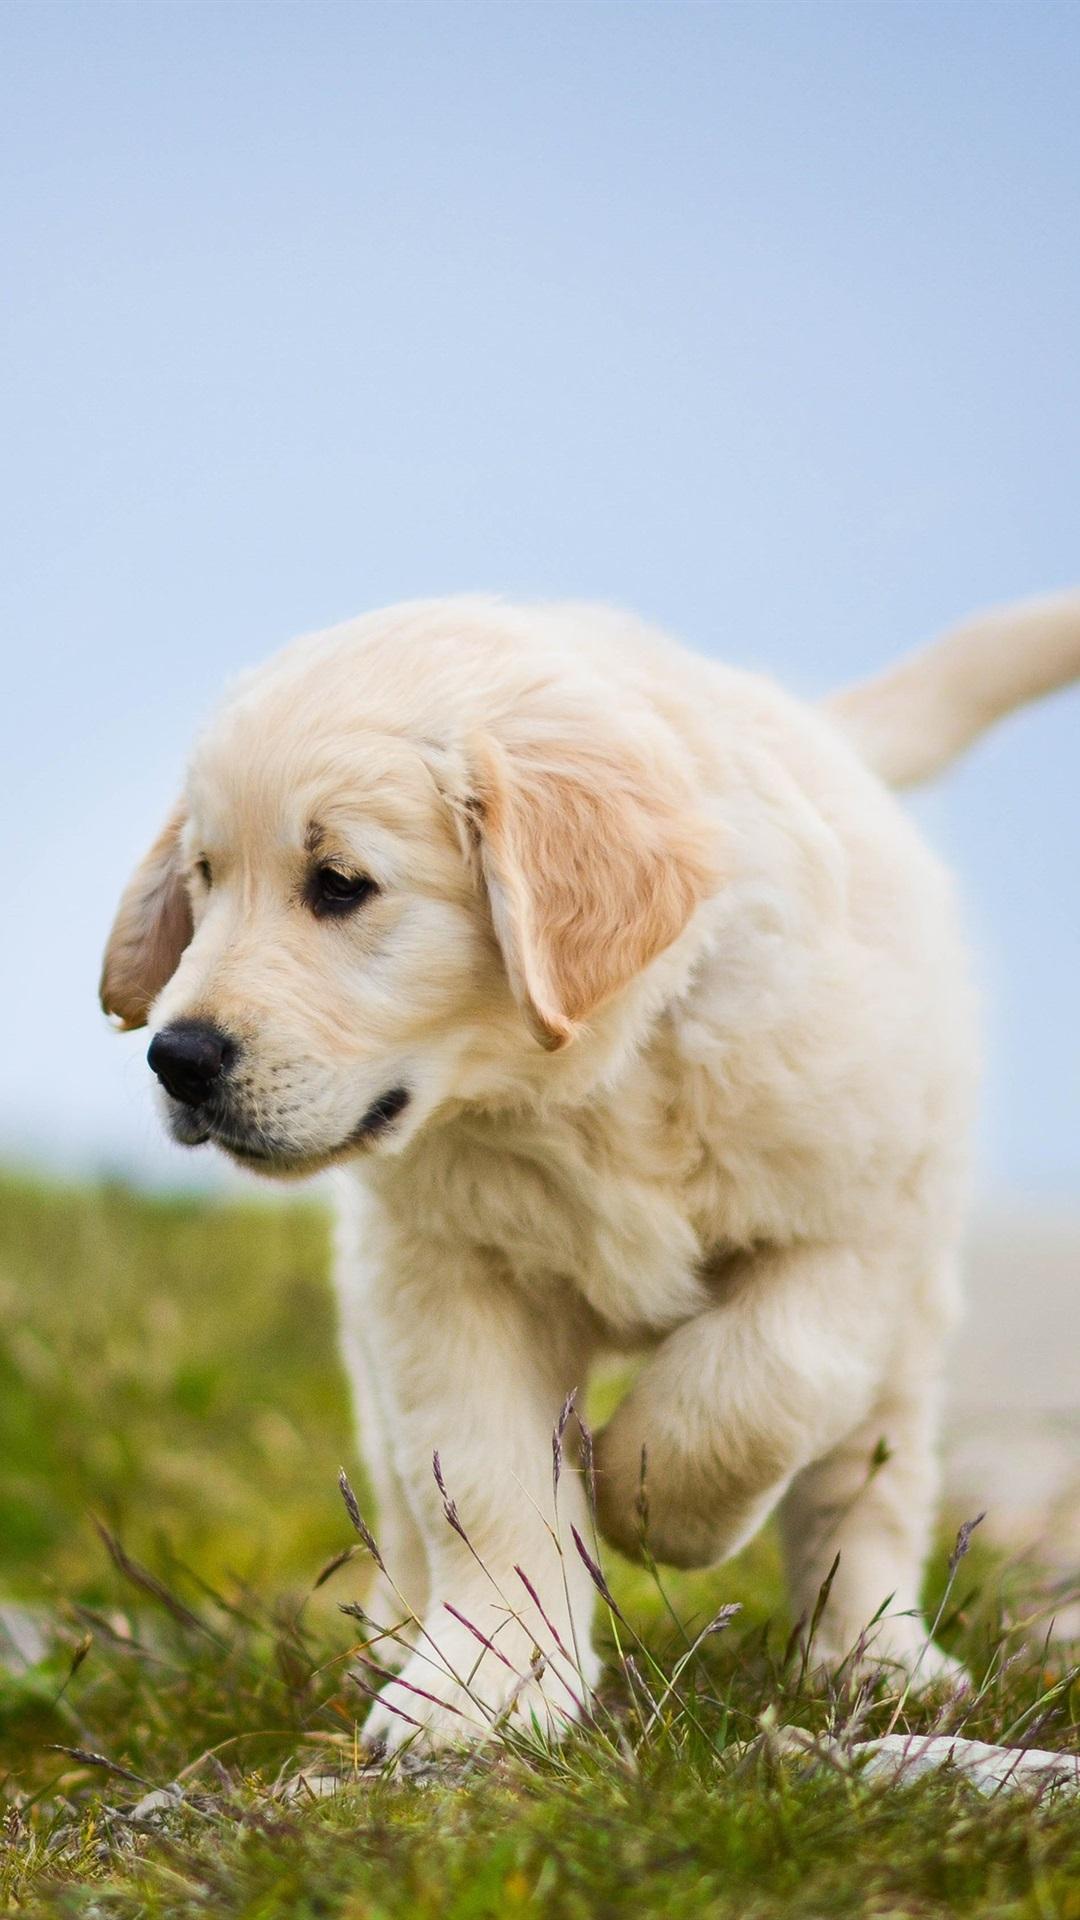 ゴールデンレトリバー かわいい犬 子犬 草 1080x19 Iphone 8 7 6 6s Plus 壁紙 背景 画像